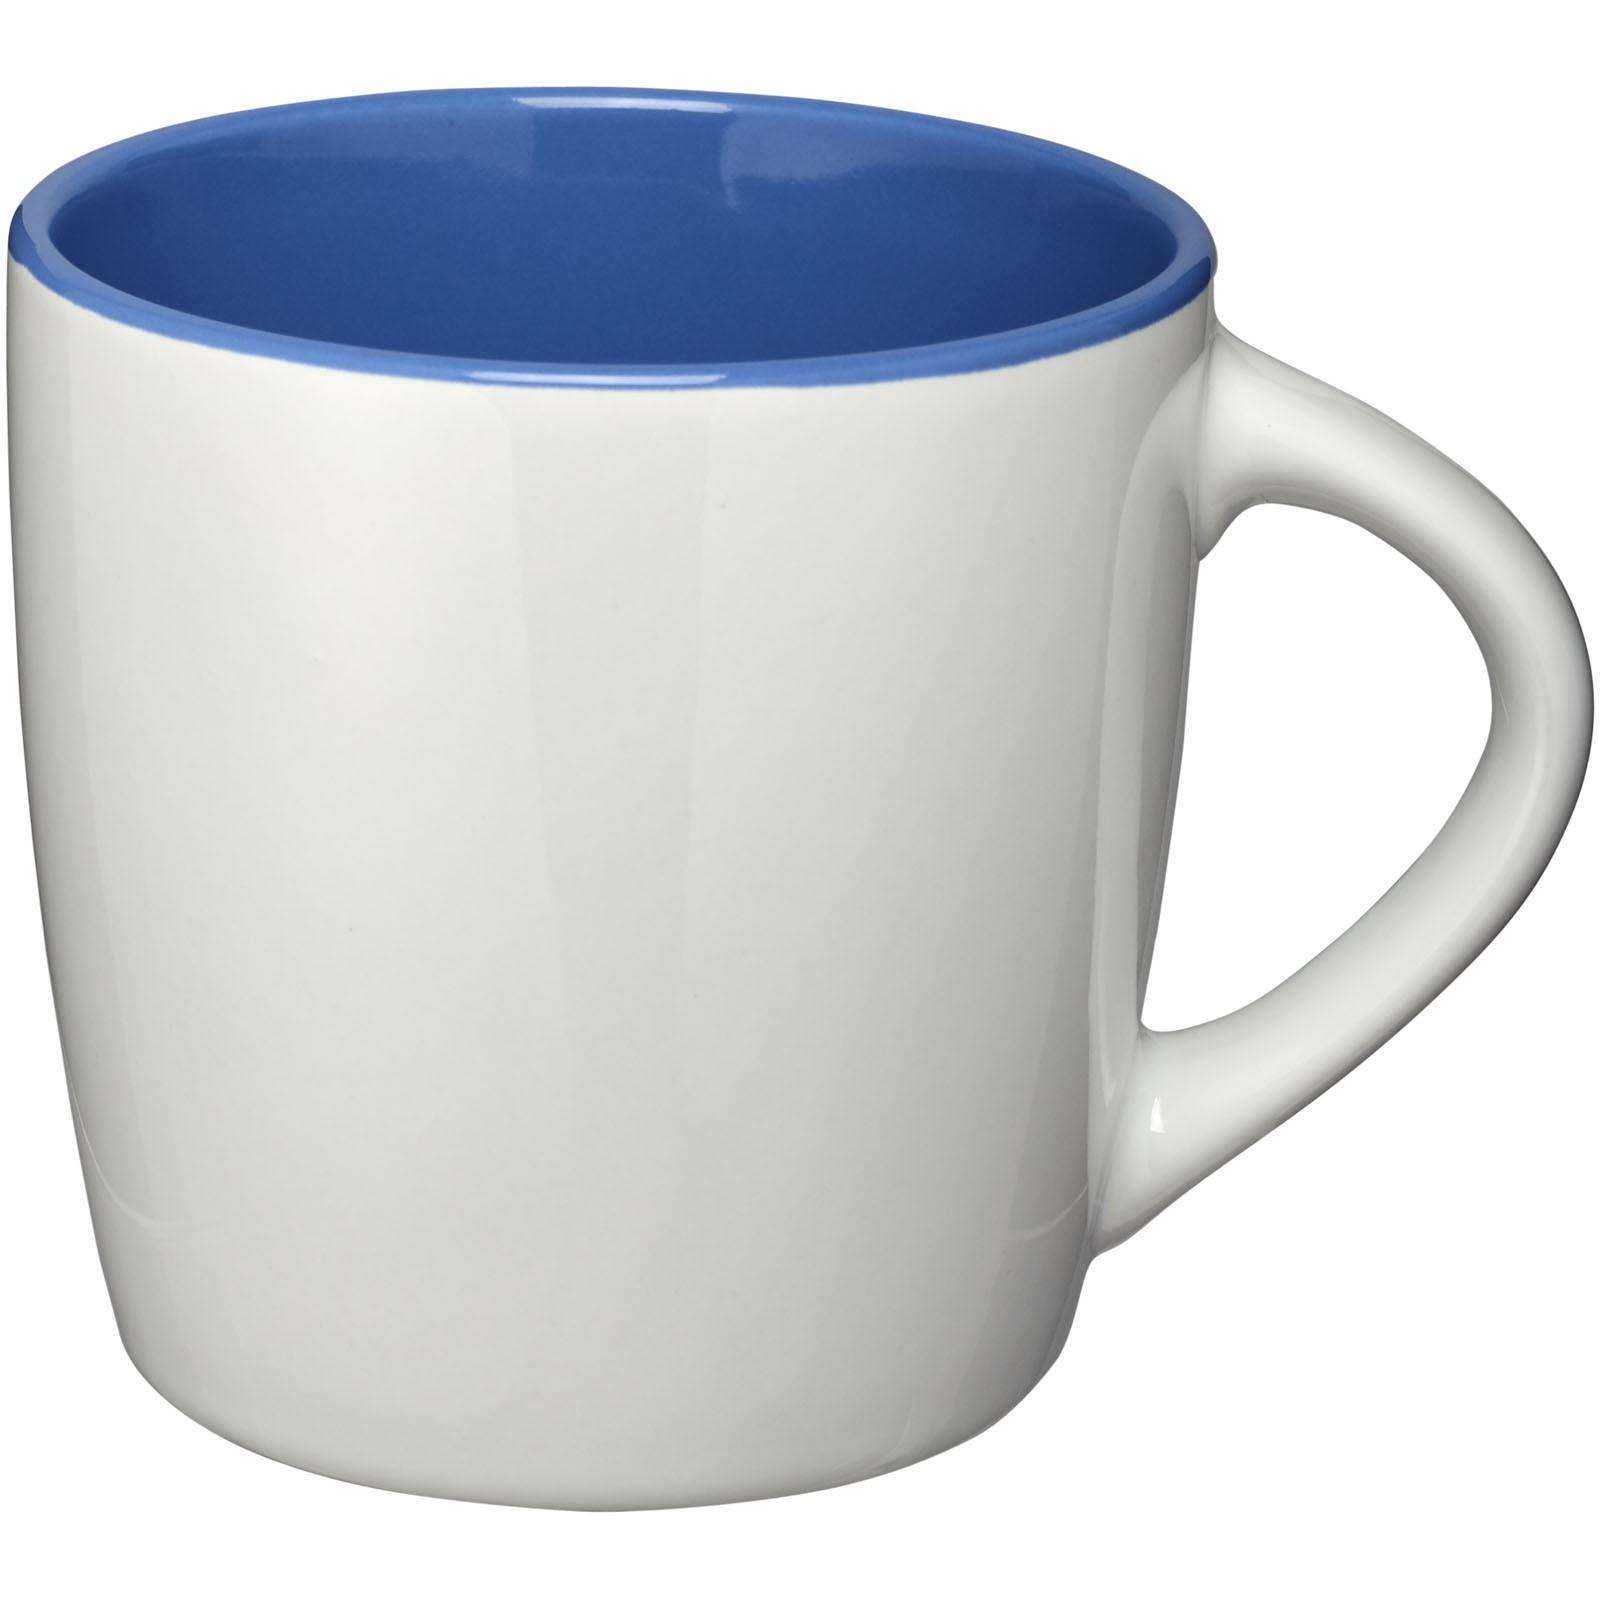 """Taza de cerámica de 340 ml """"Aztec"""" - Blanco / Azul real"""